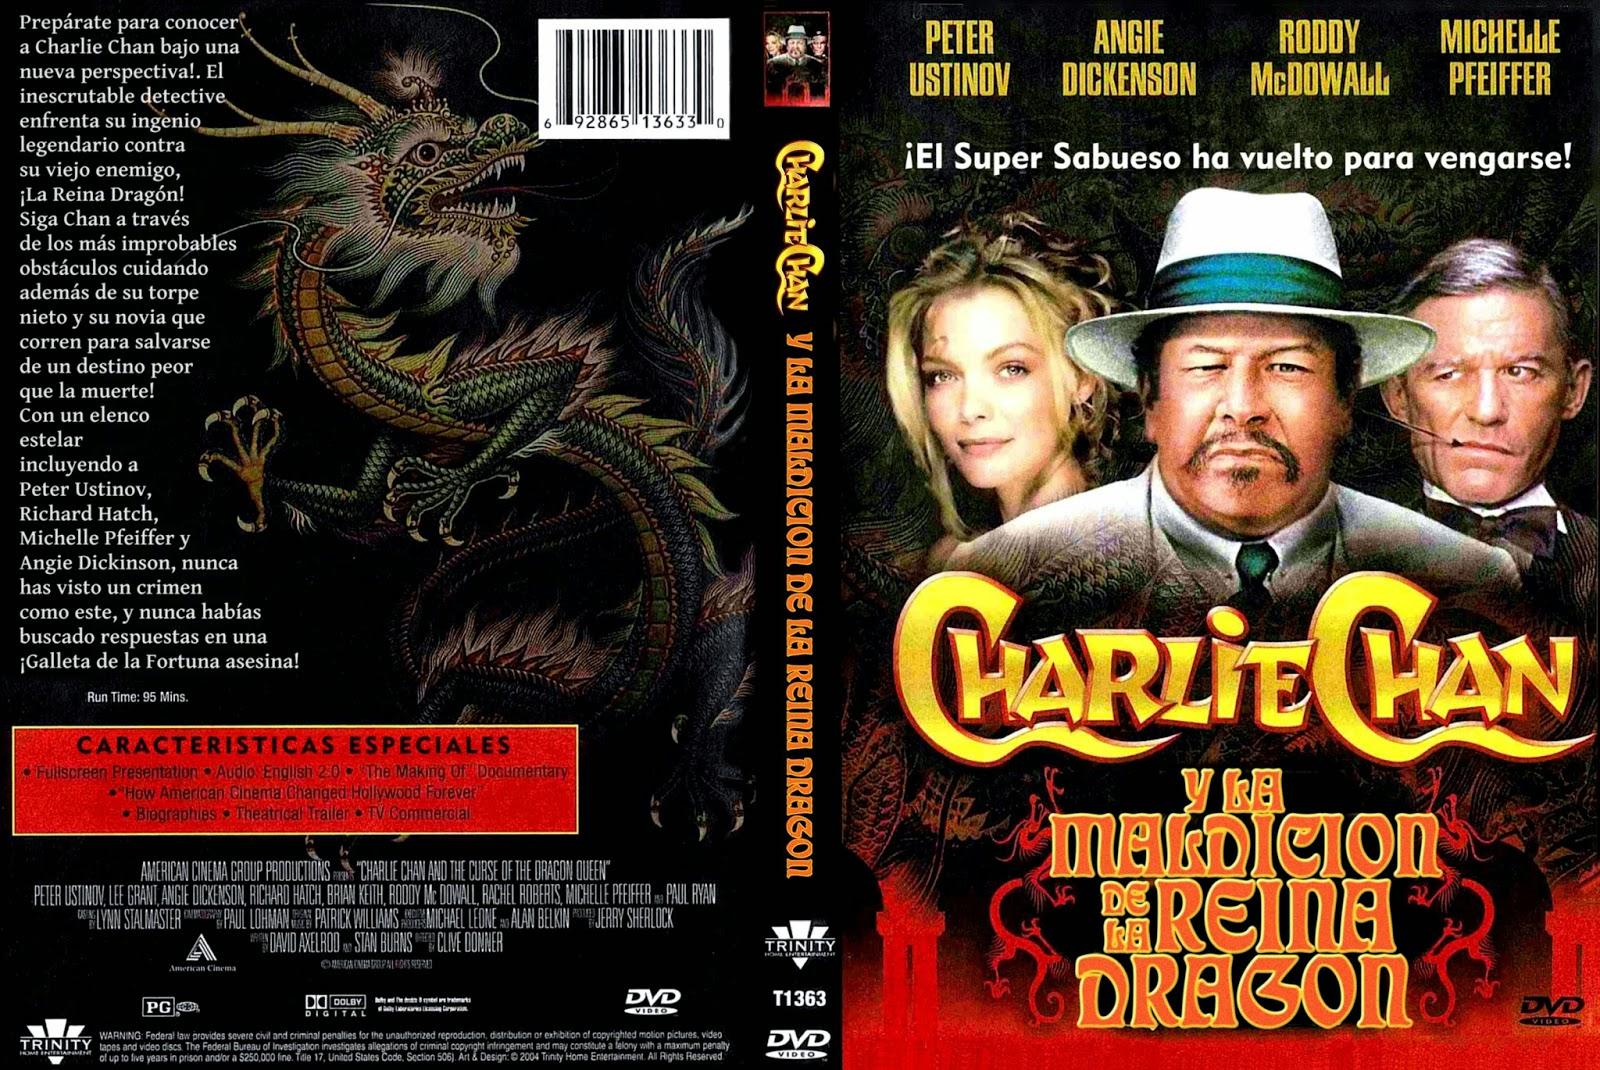 La maldición de la Reina Dragón (1980 - Charlie Chan and the Curse of the Dragon Queen)